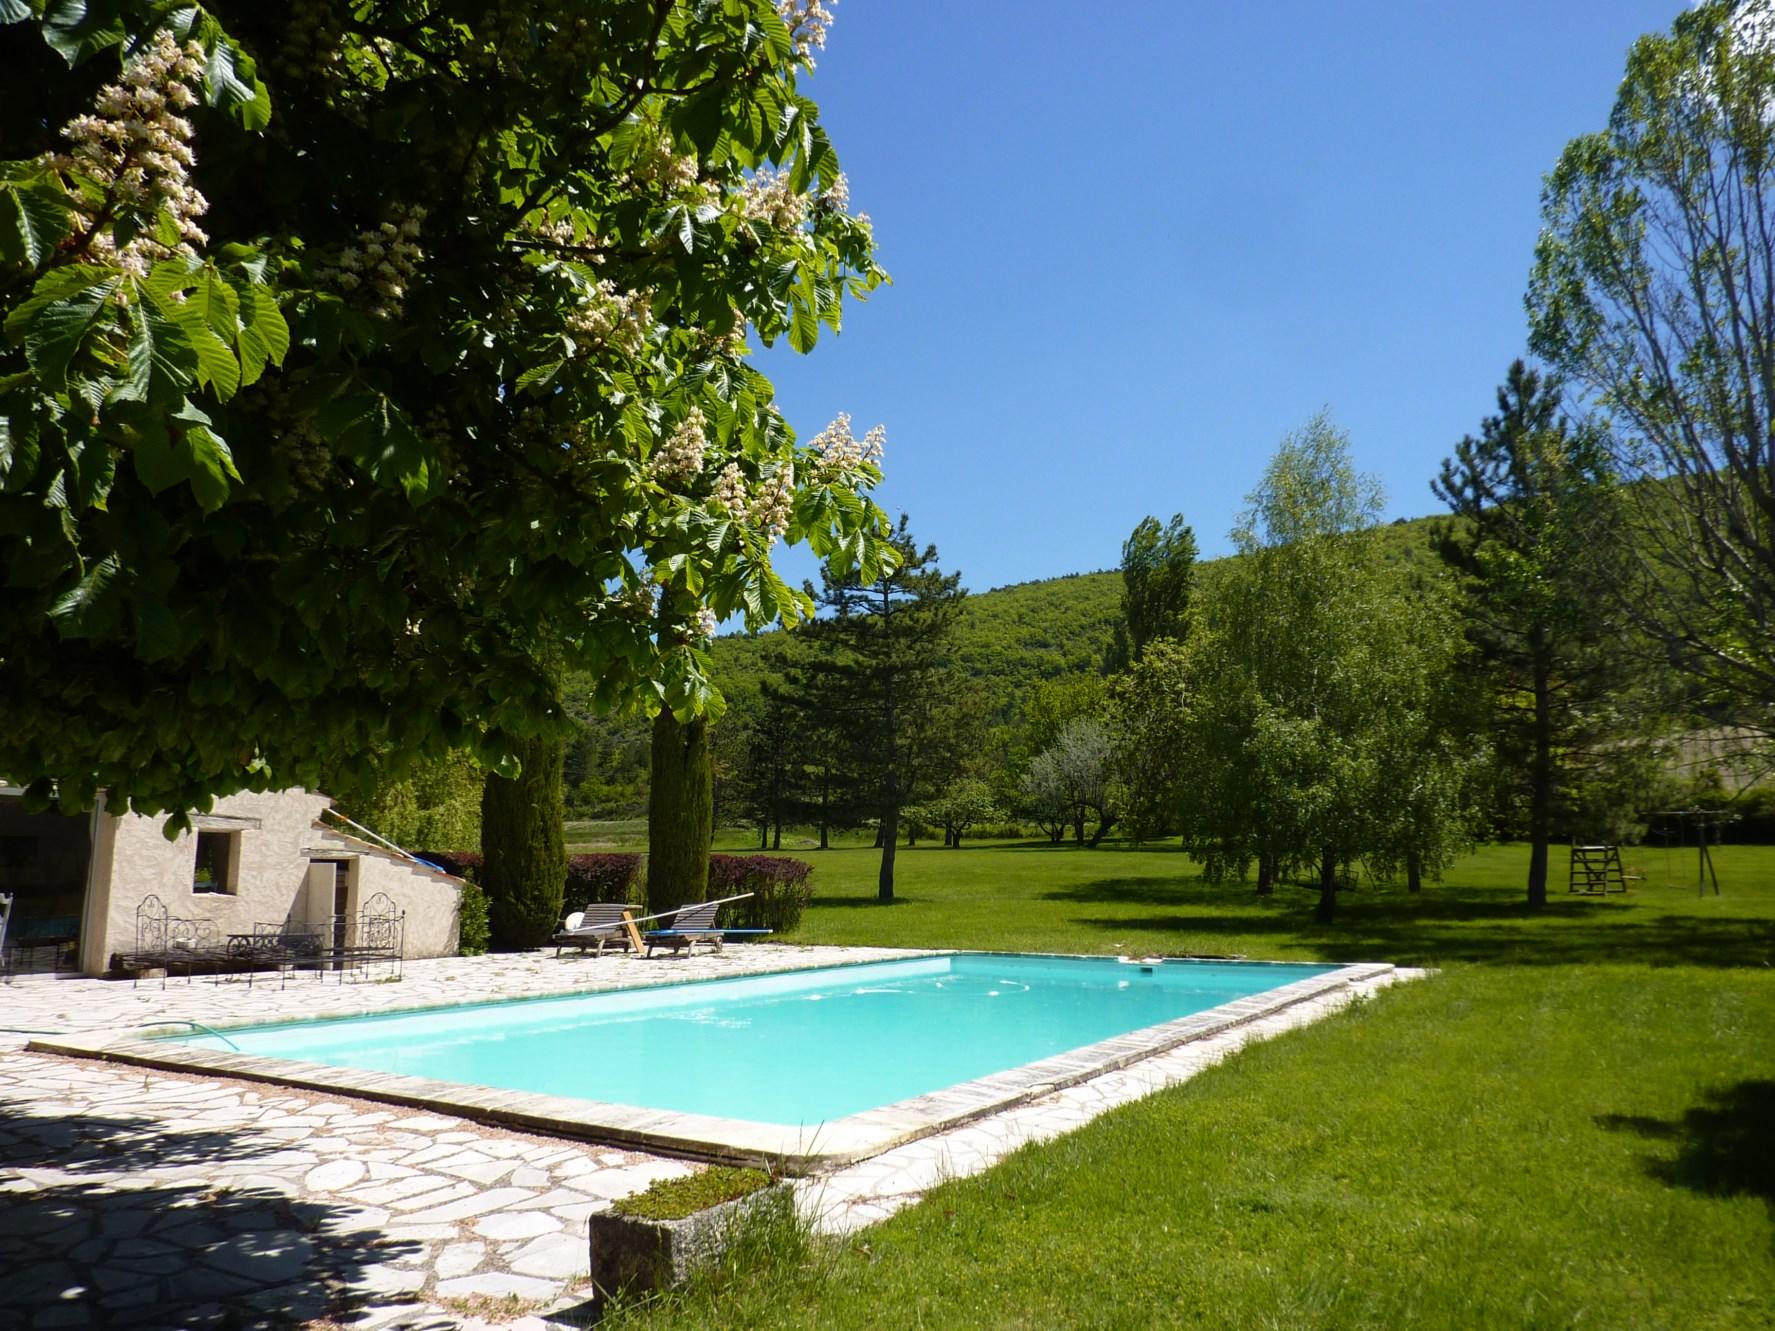 A vendre, dans le Pays de Sault, propriété de famille, dans un parc paysager avec piscine